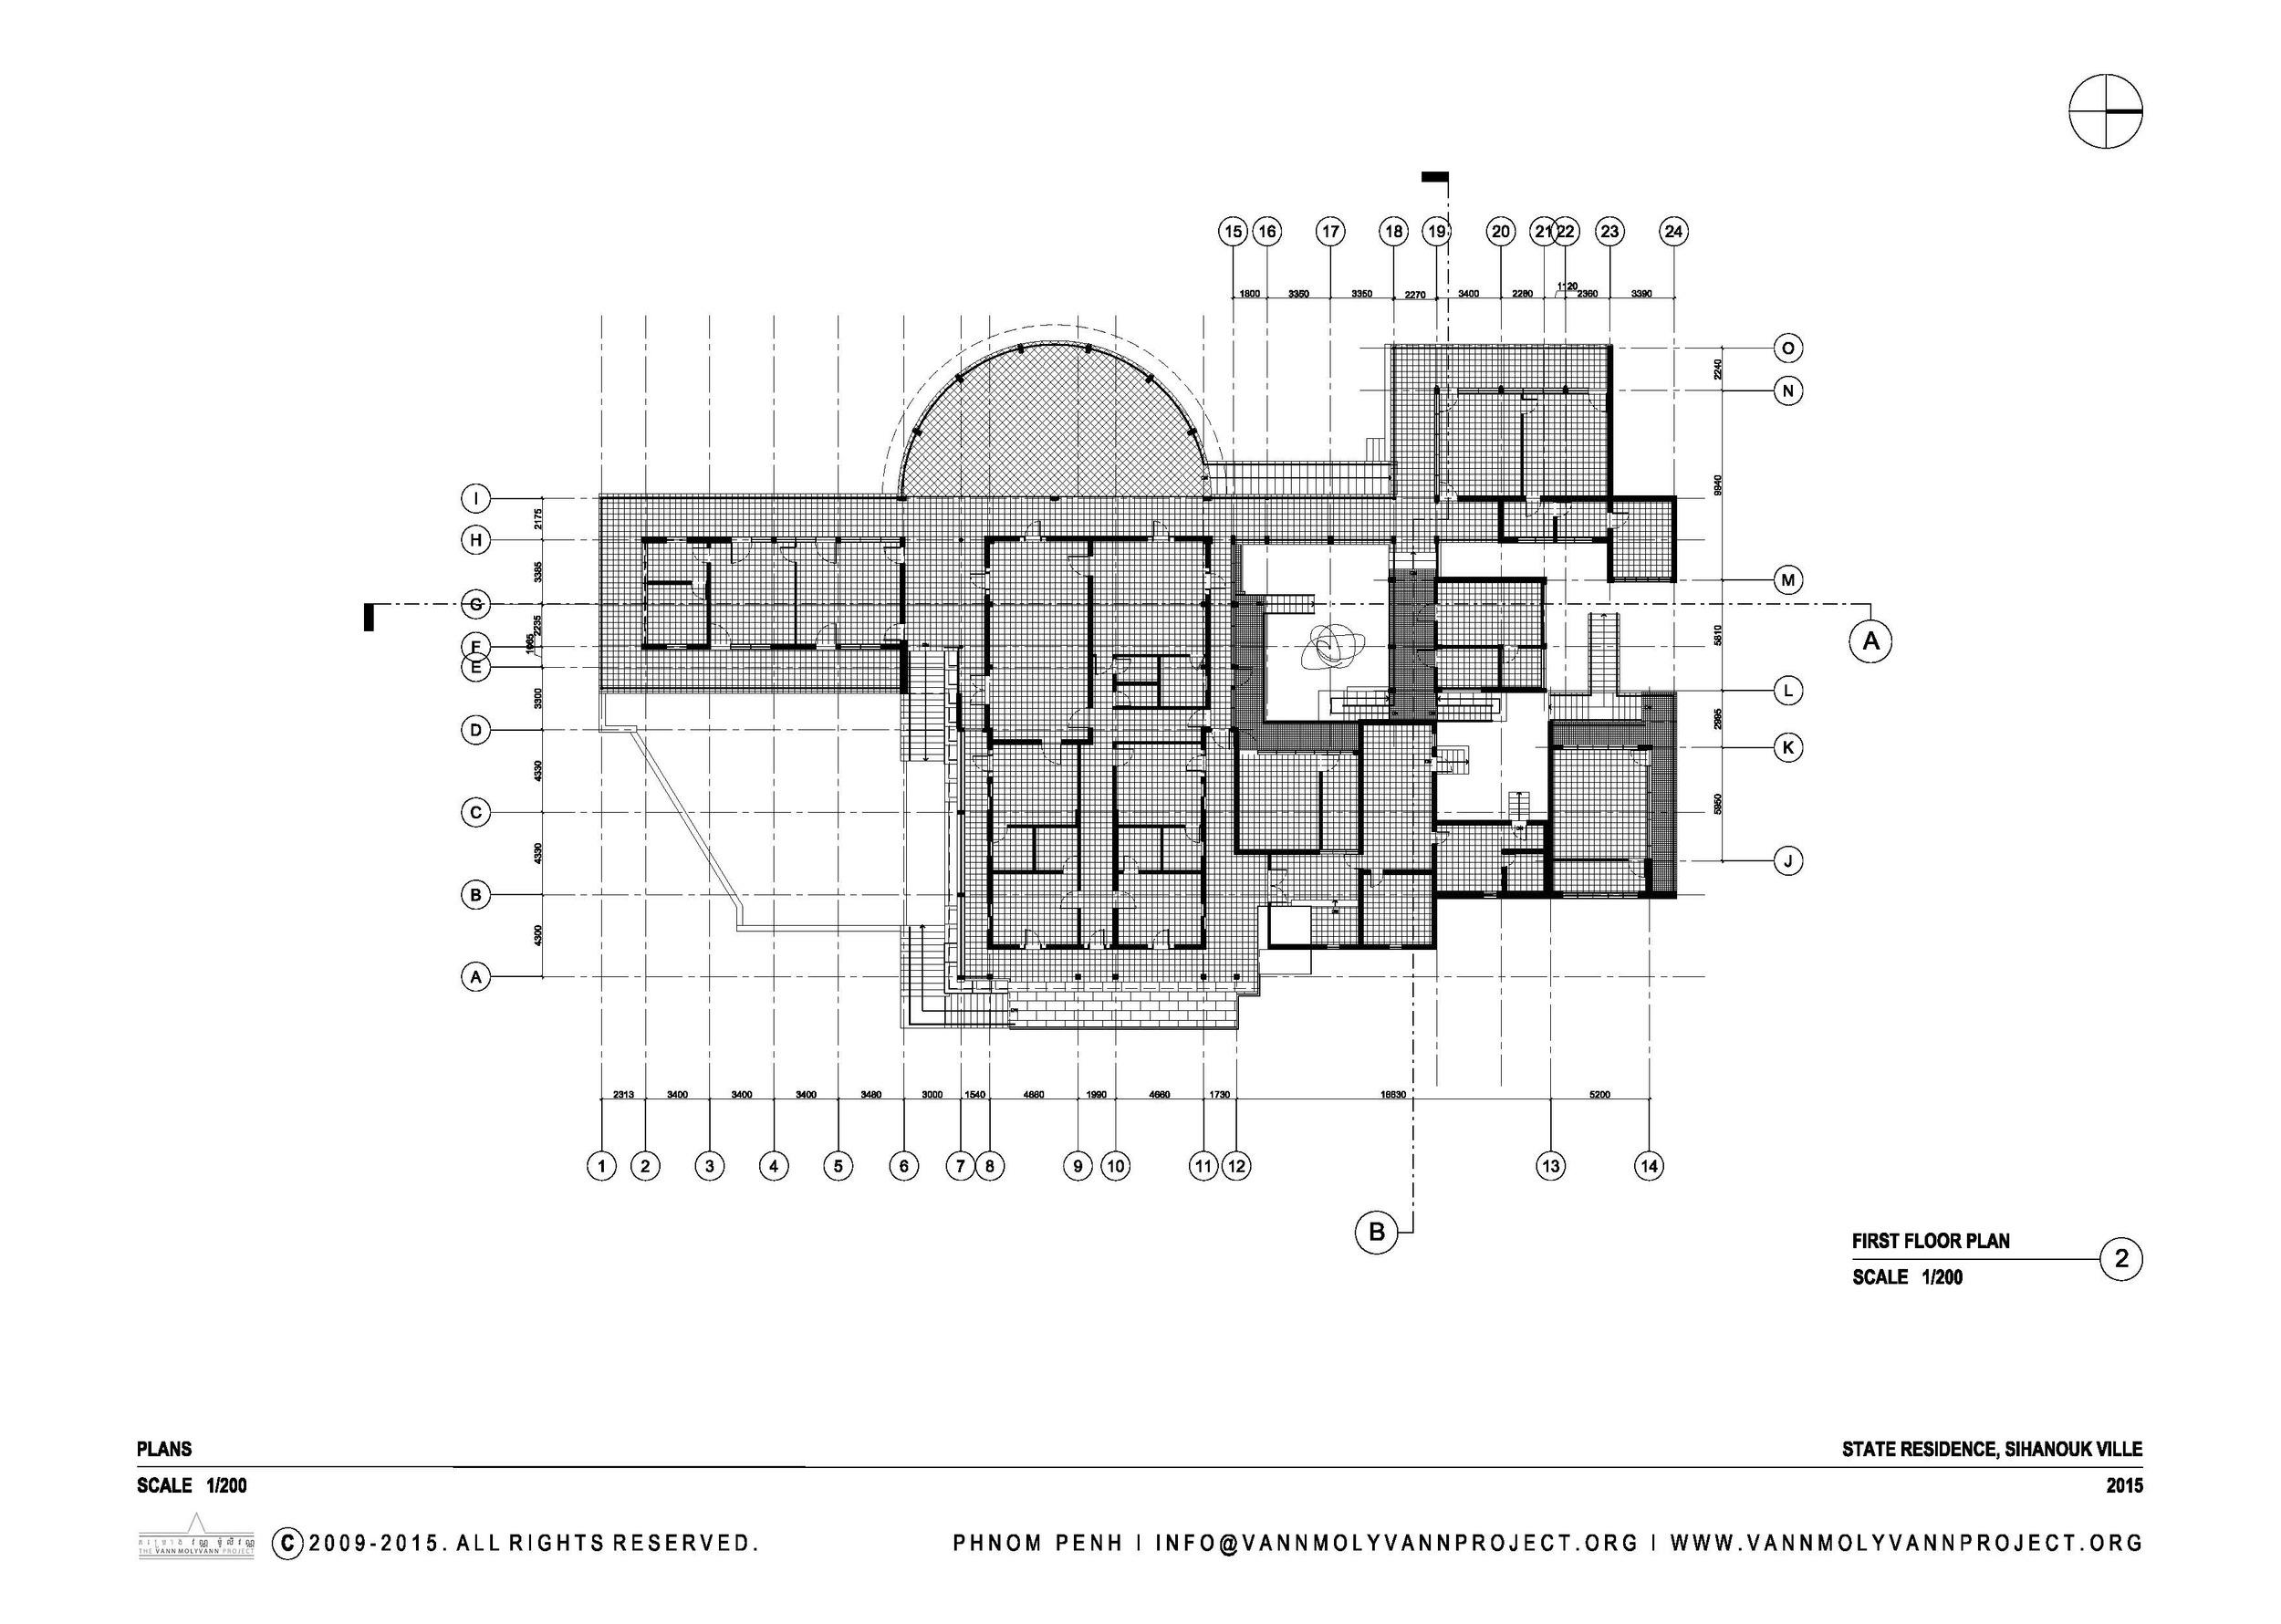 State Residence, Sihanouk Ville_Page_3.jpg